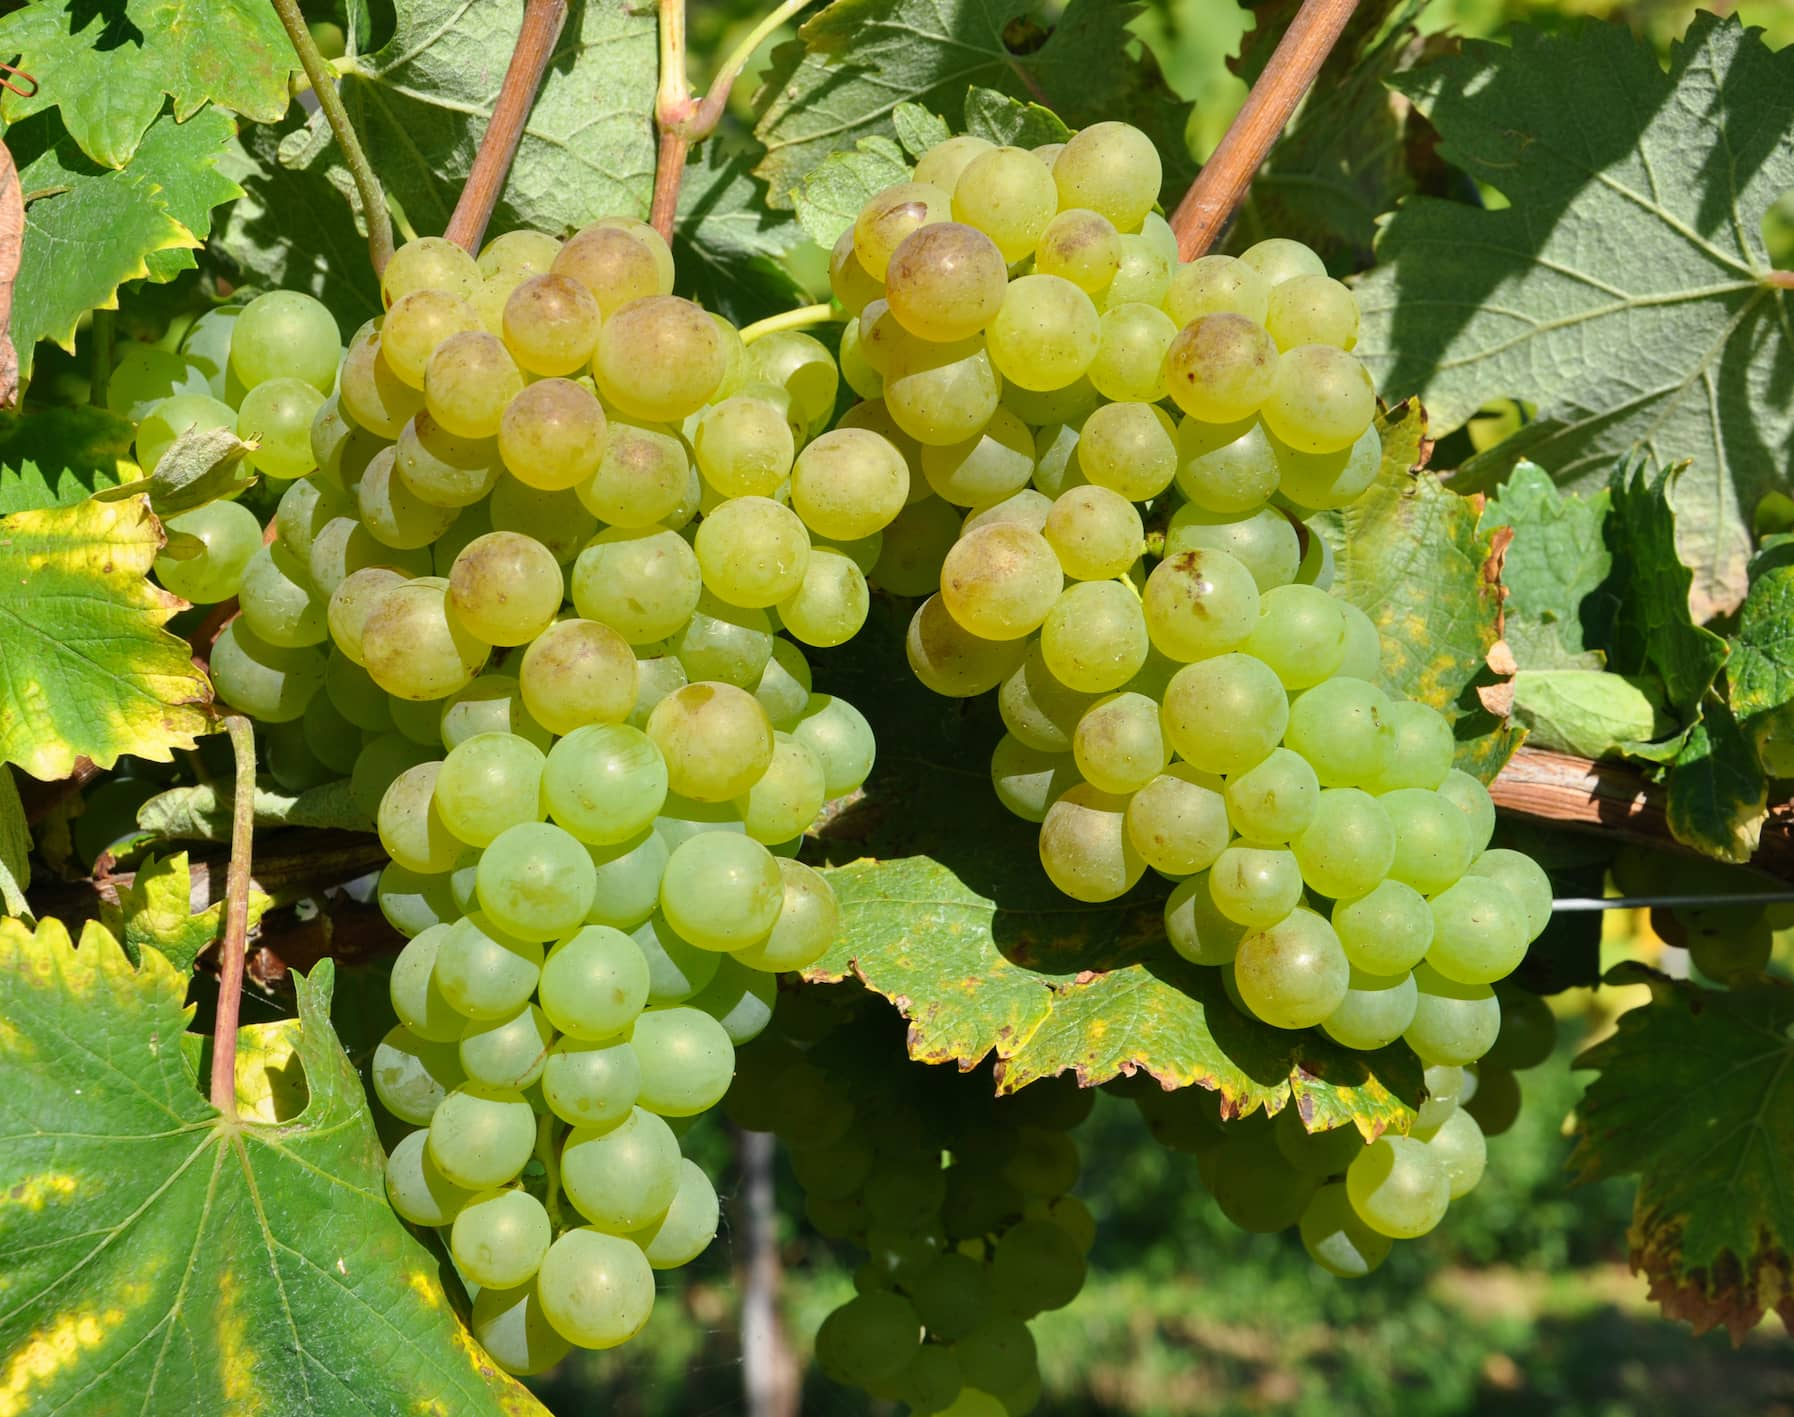 Vermentino là gì? Tìm hiểu rượu vang Vermentino